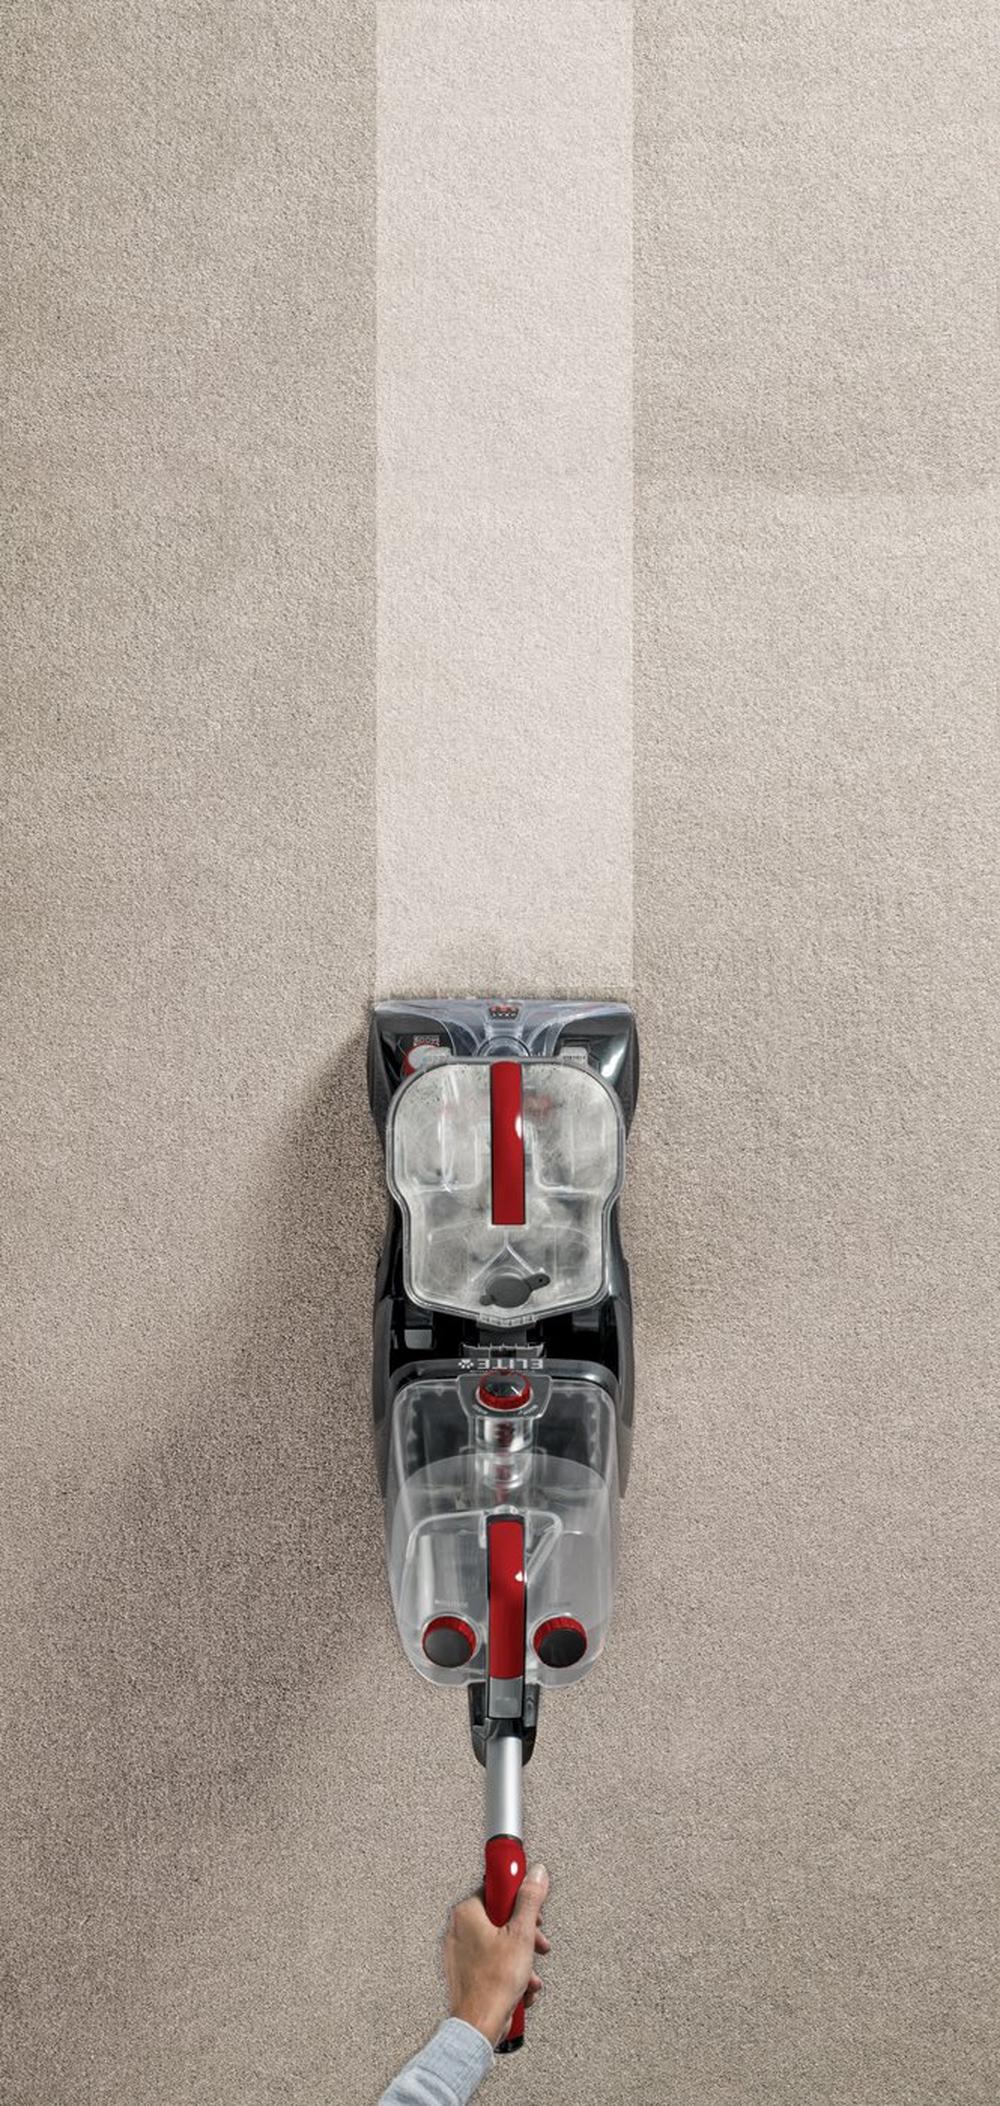 Power Scrub Elite Pet Plus Carpet Cleaner3